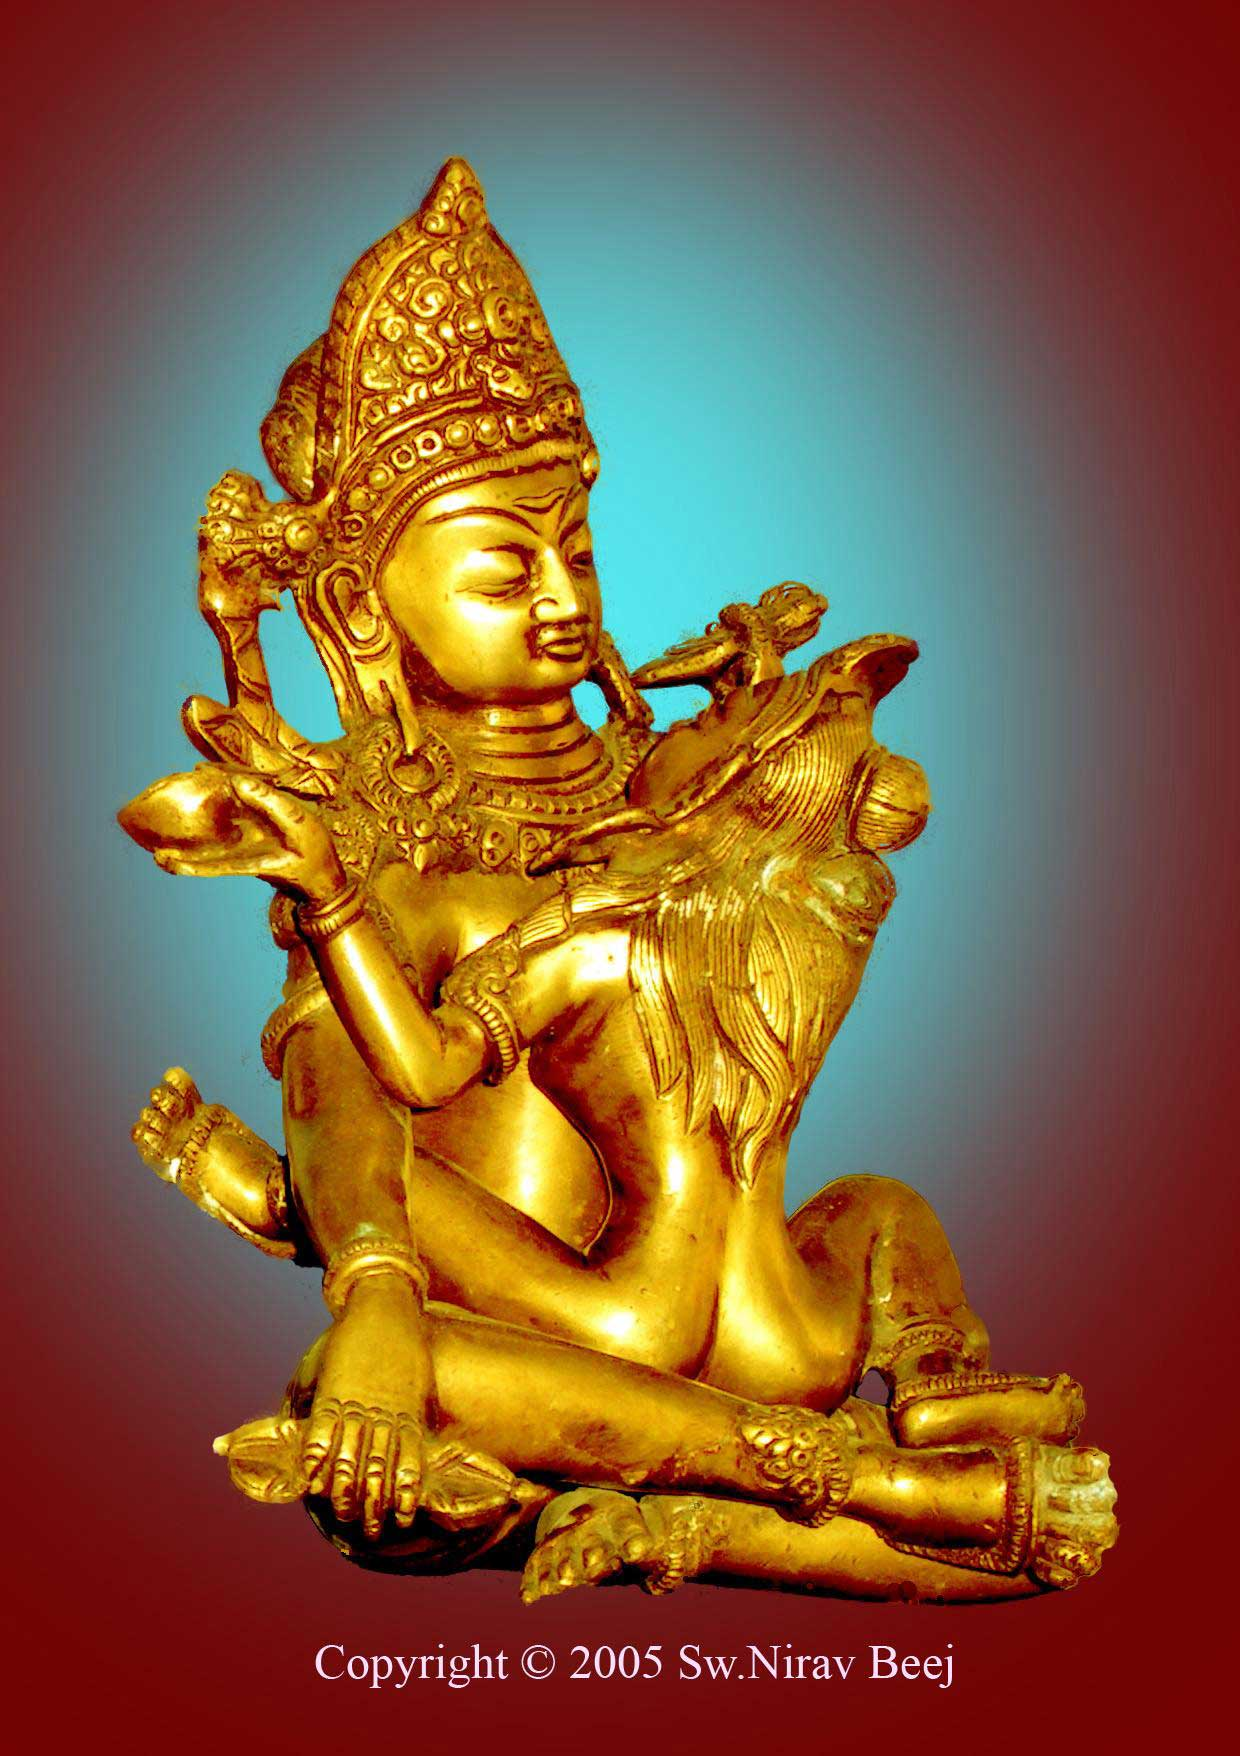 Shiva-Shakti beeld wat eigenlijk een Buddha is met zijn geliefde Godin in yab-yum houding